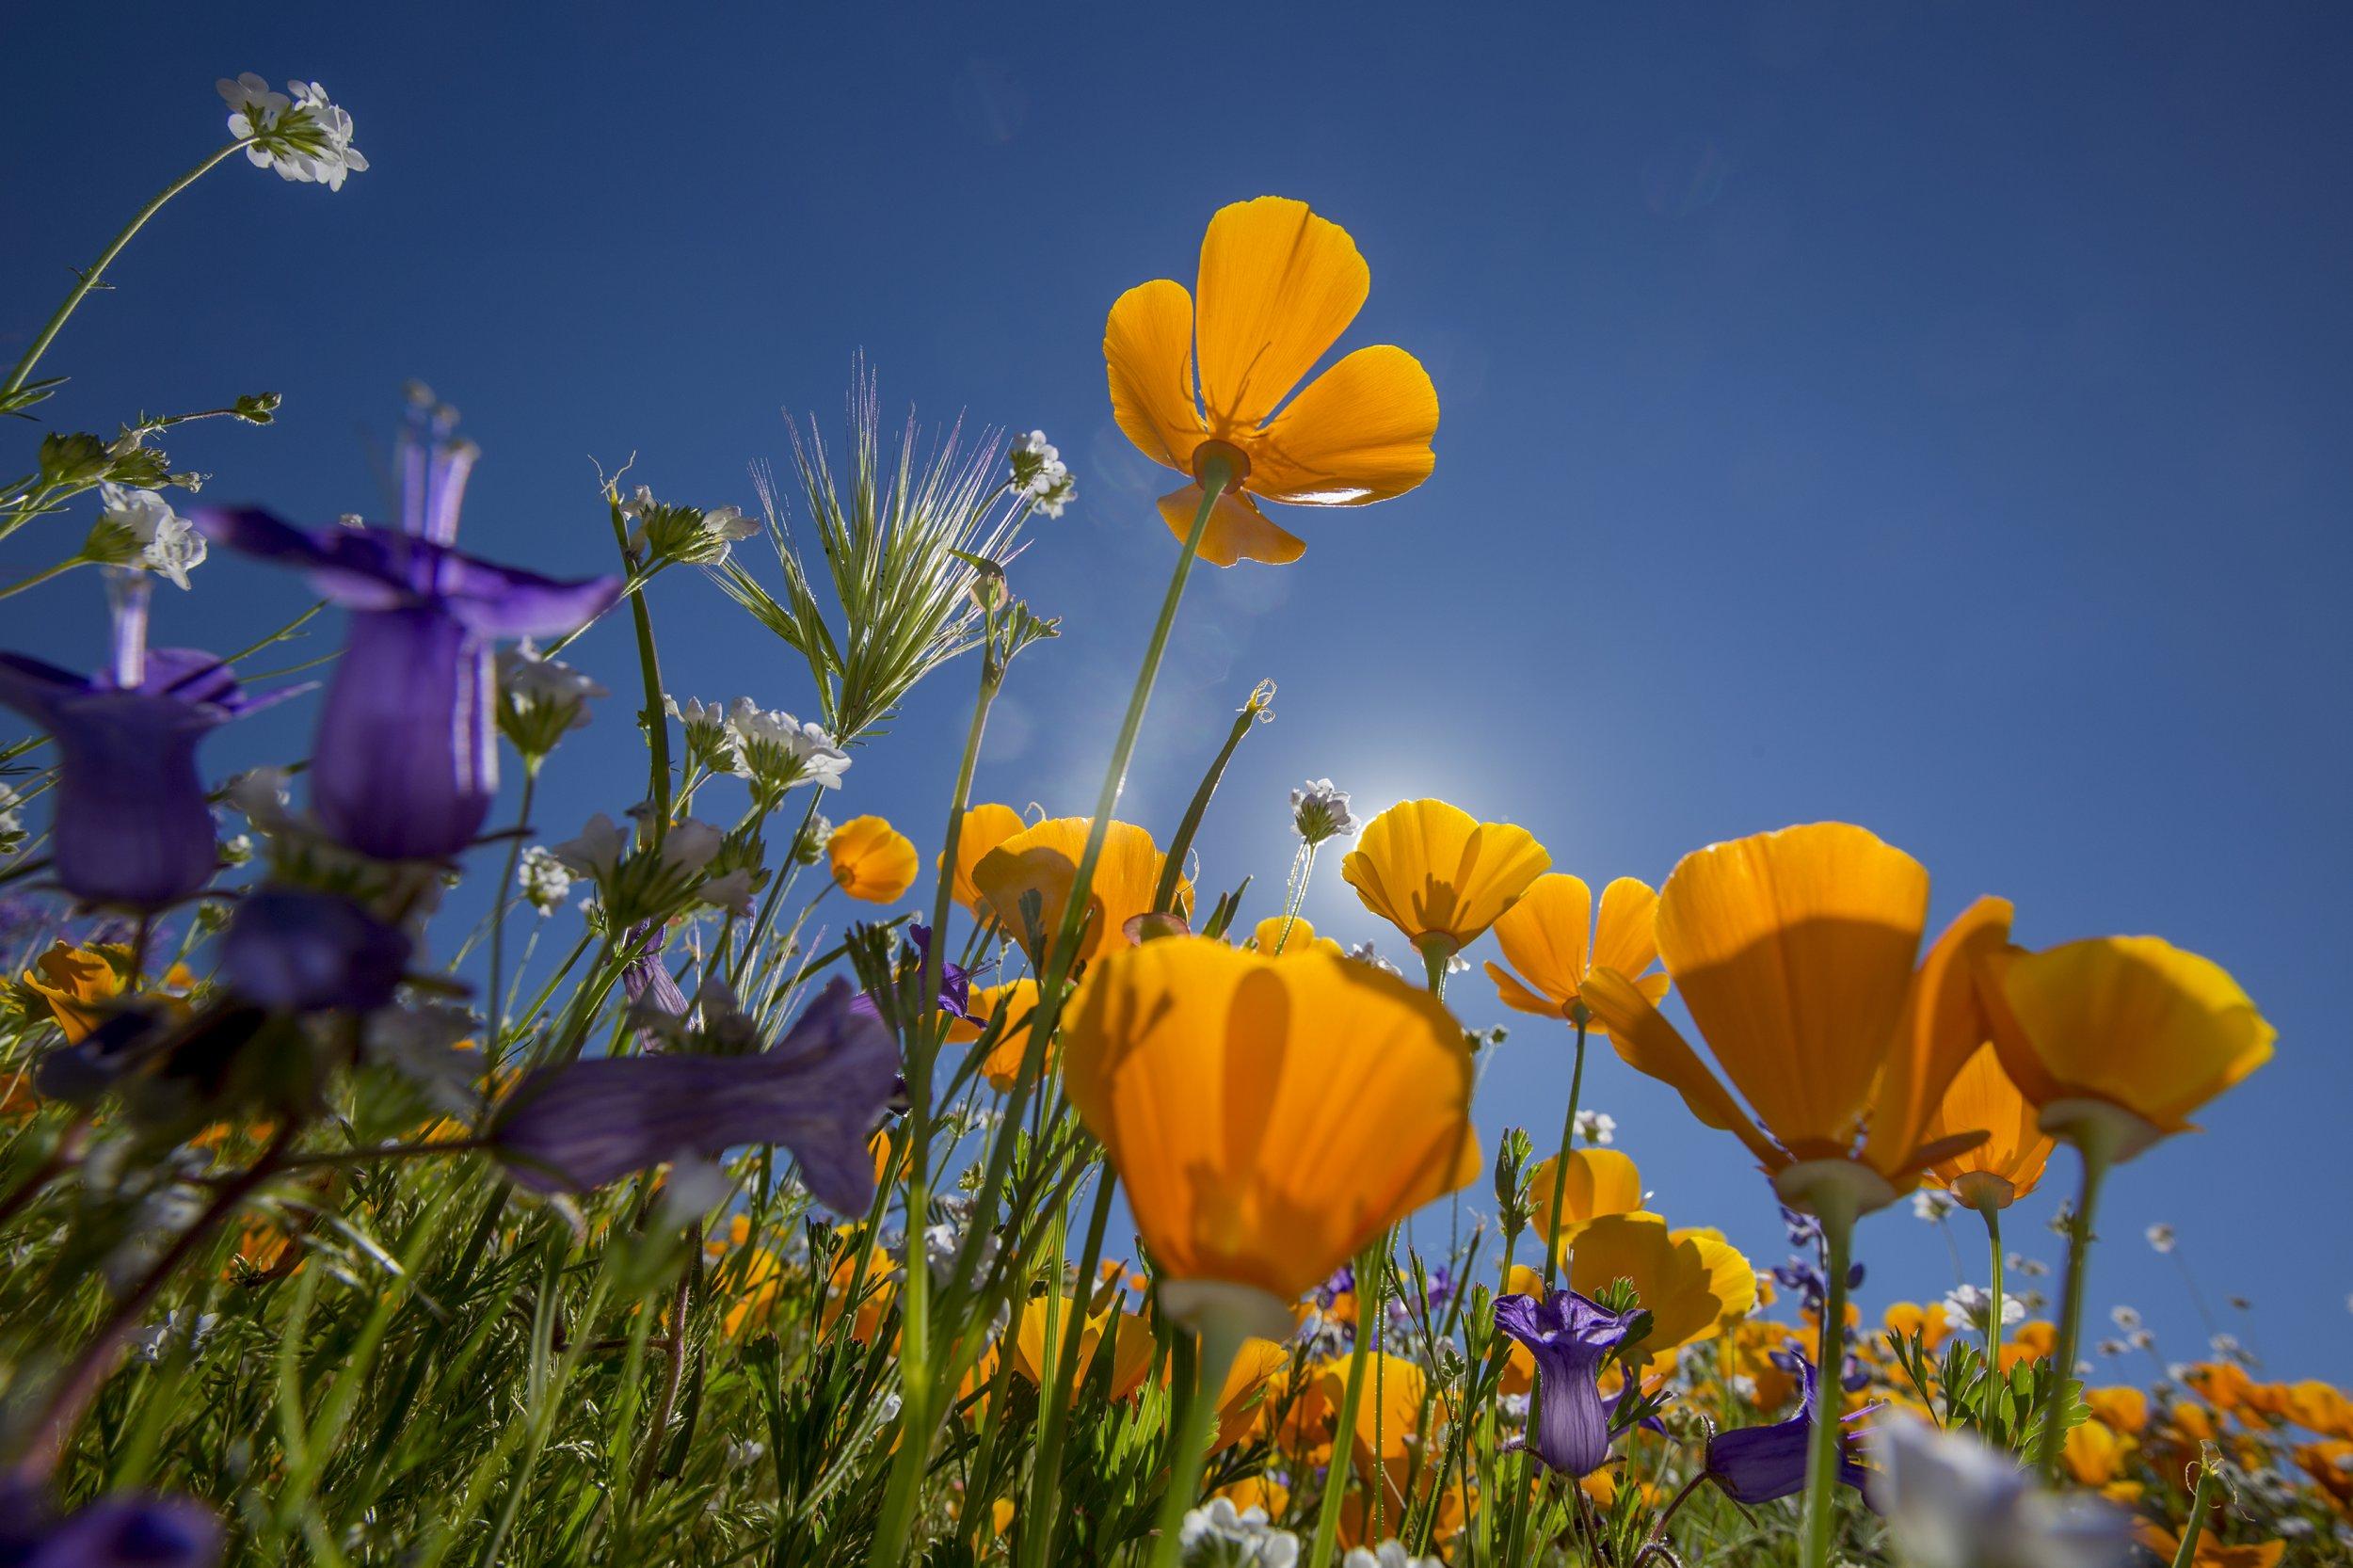 poppies california wild flower getty